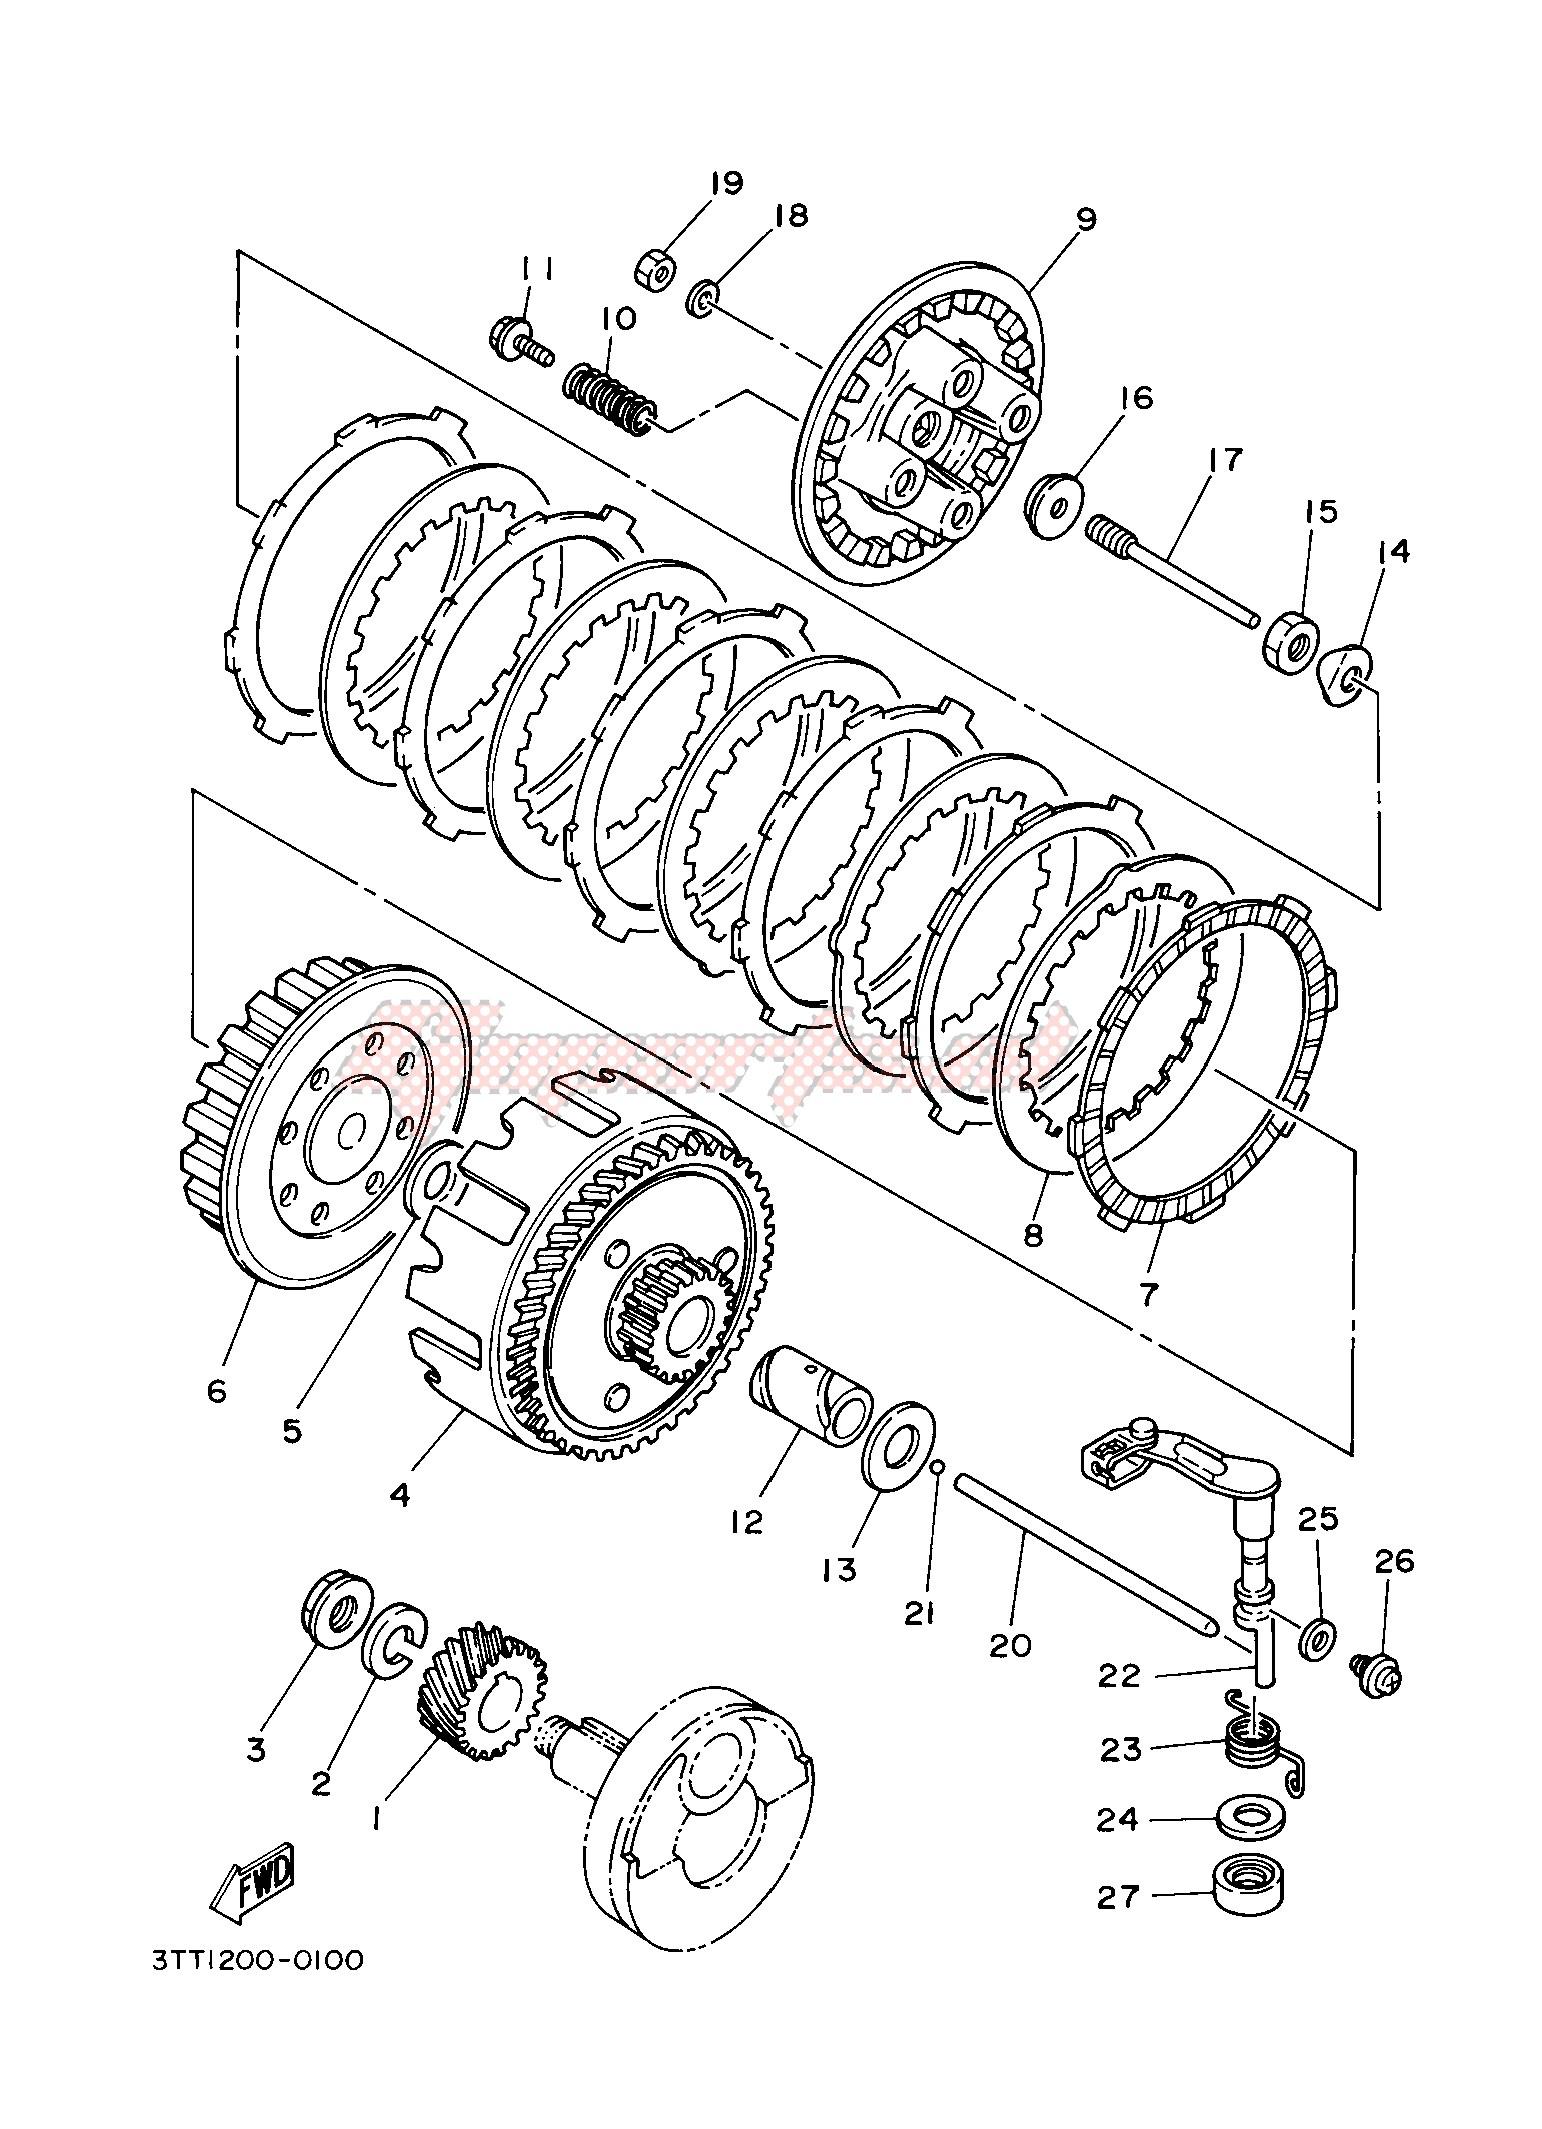 CLUTCH blueprint